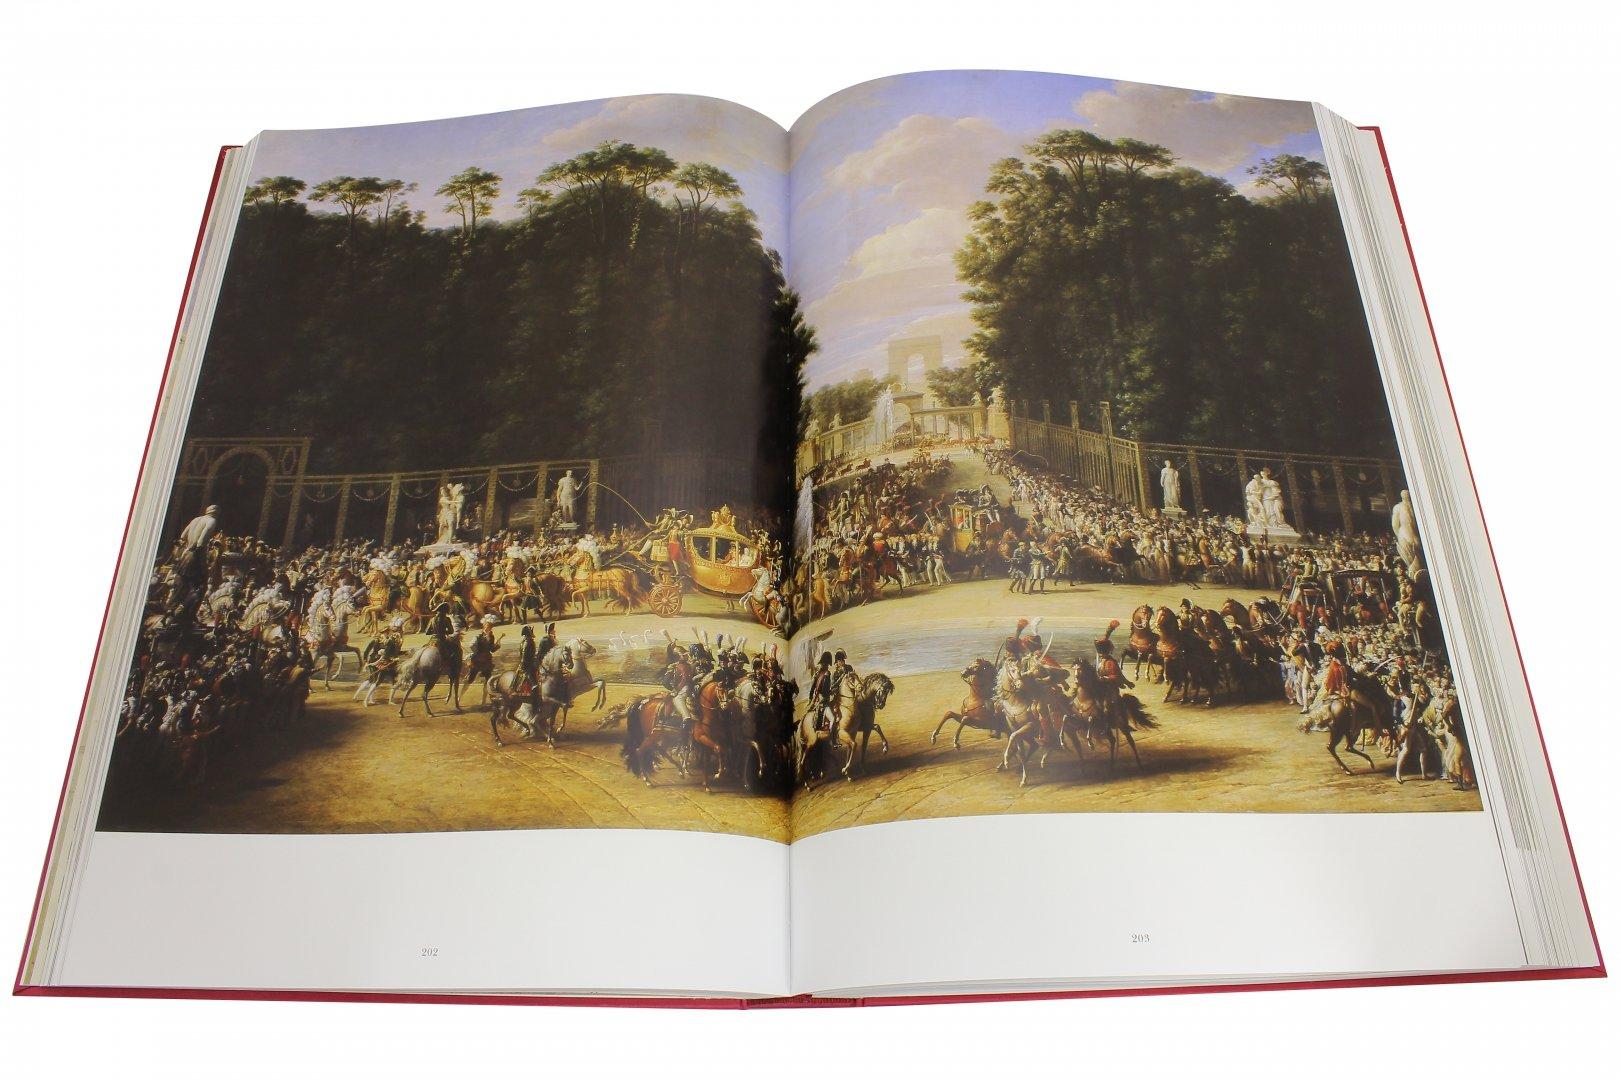 Иллюстрация 1 из 2 для Париж в произведениях искусства (в футляре) - Брюнель, Совиньи, Ринуи, Руссо, Весс, Линдт-Руссо   Лабиринт - книги. Источник: Лабиринт